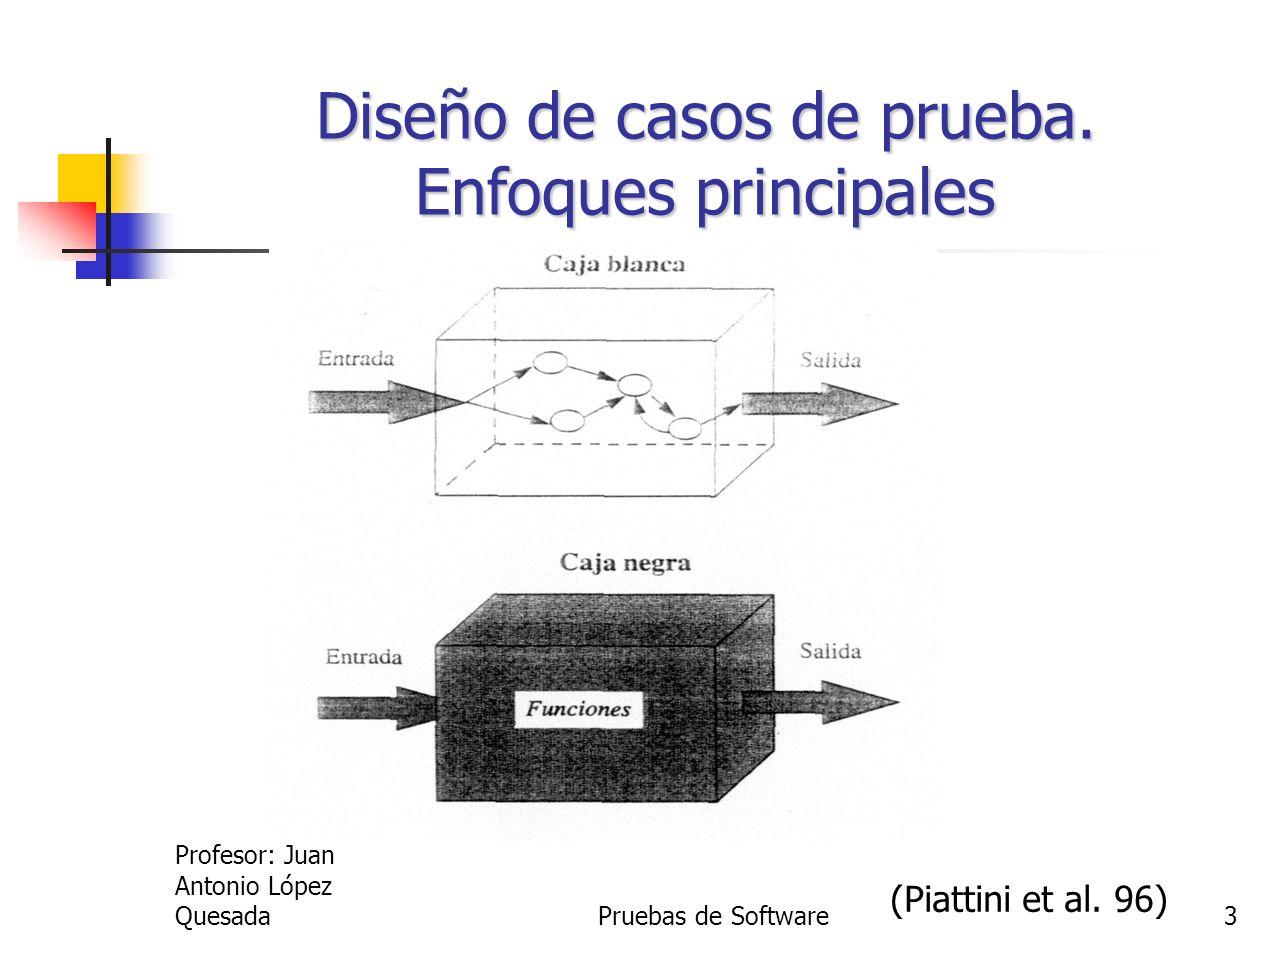 Diseño de casos de prueba.